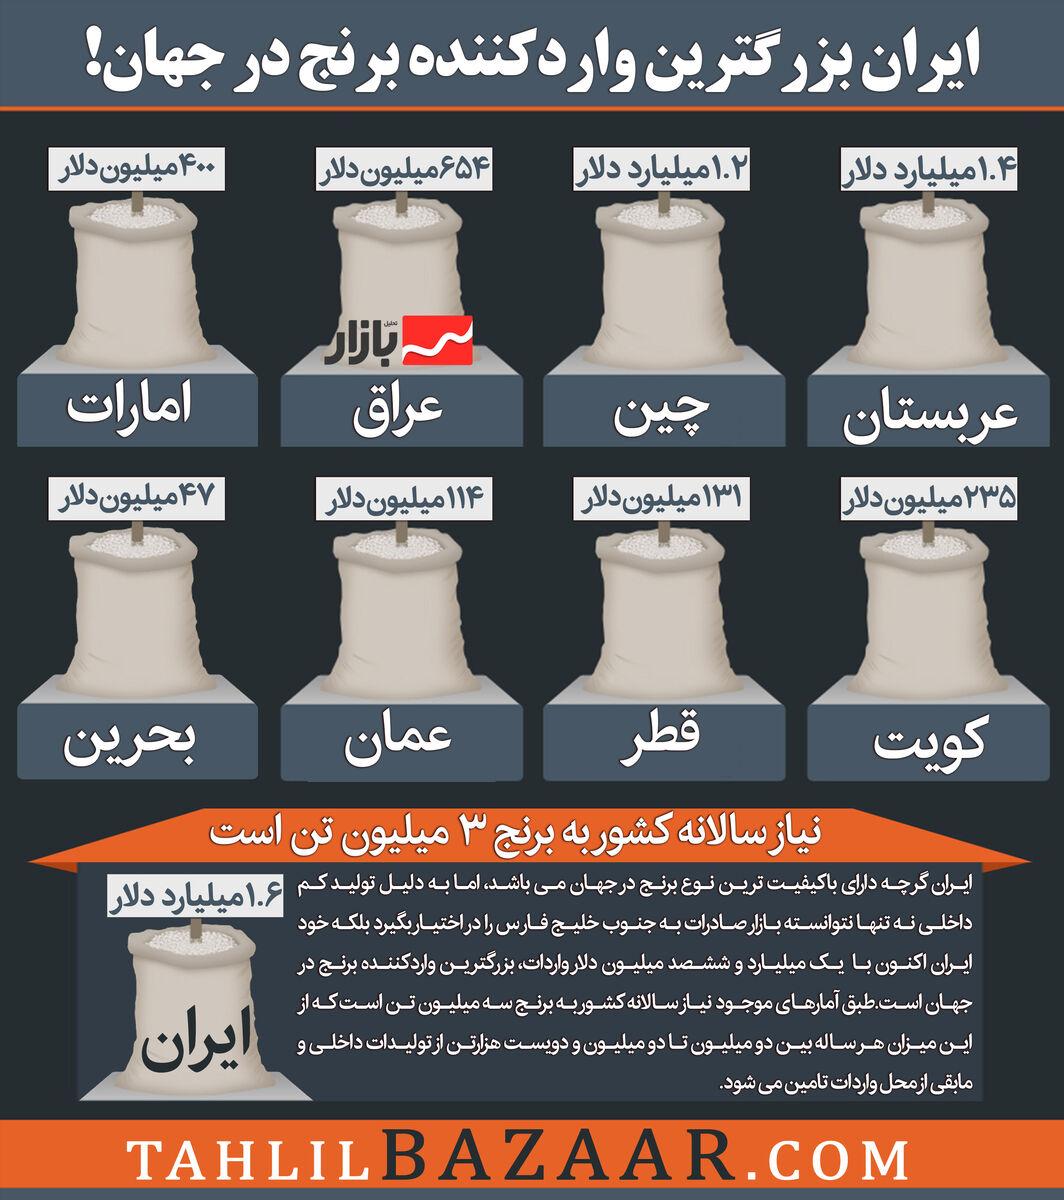 ایران بزرگترین واردکننده برنج در جهان!